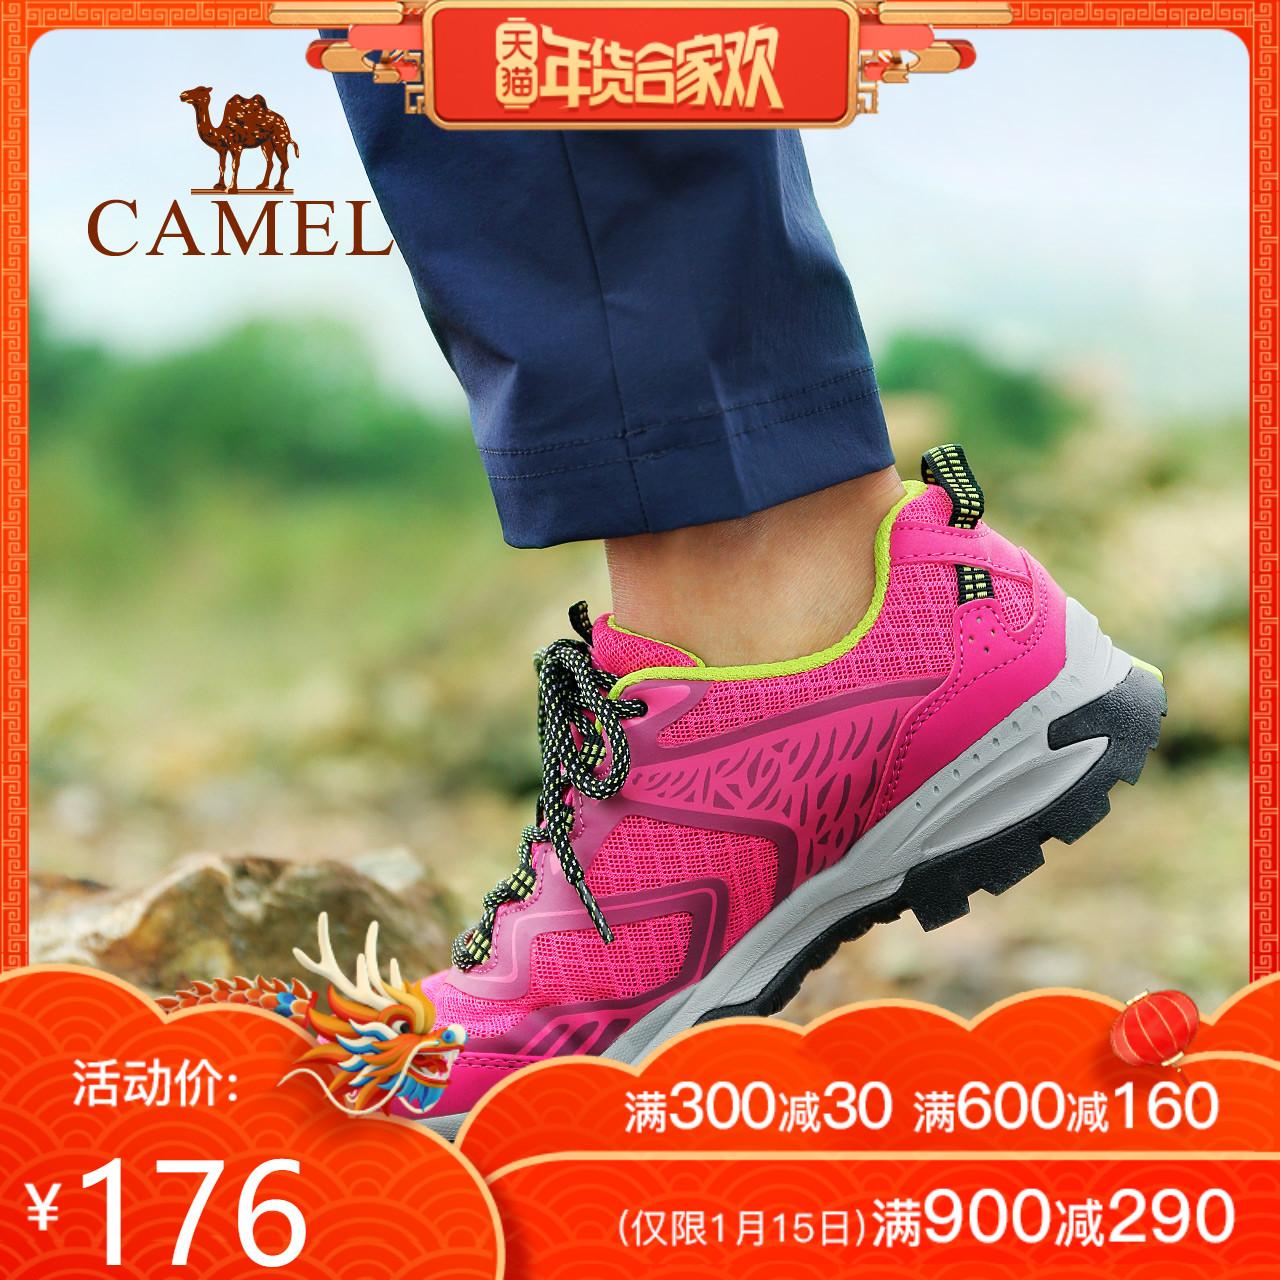 骆驼8264登山队系列 情侣款徒步鞋男女舒适防滑耐磨透气登山鞋